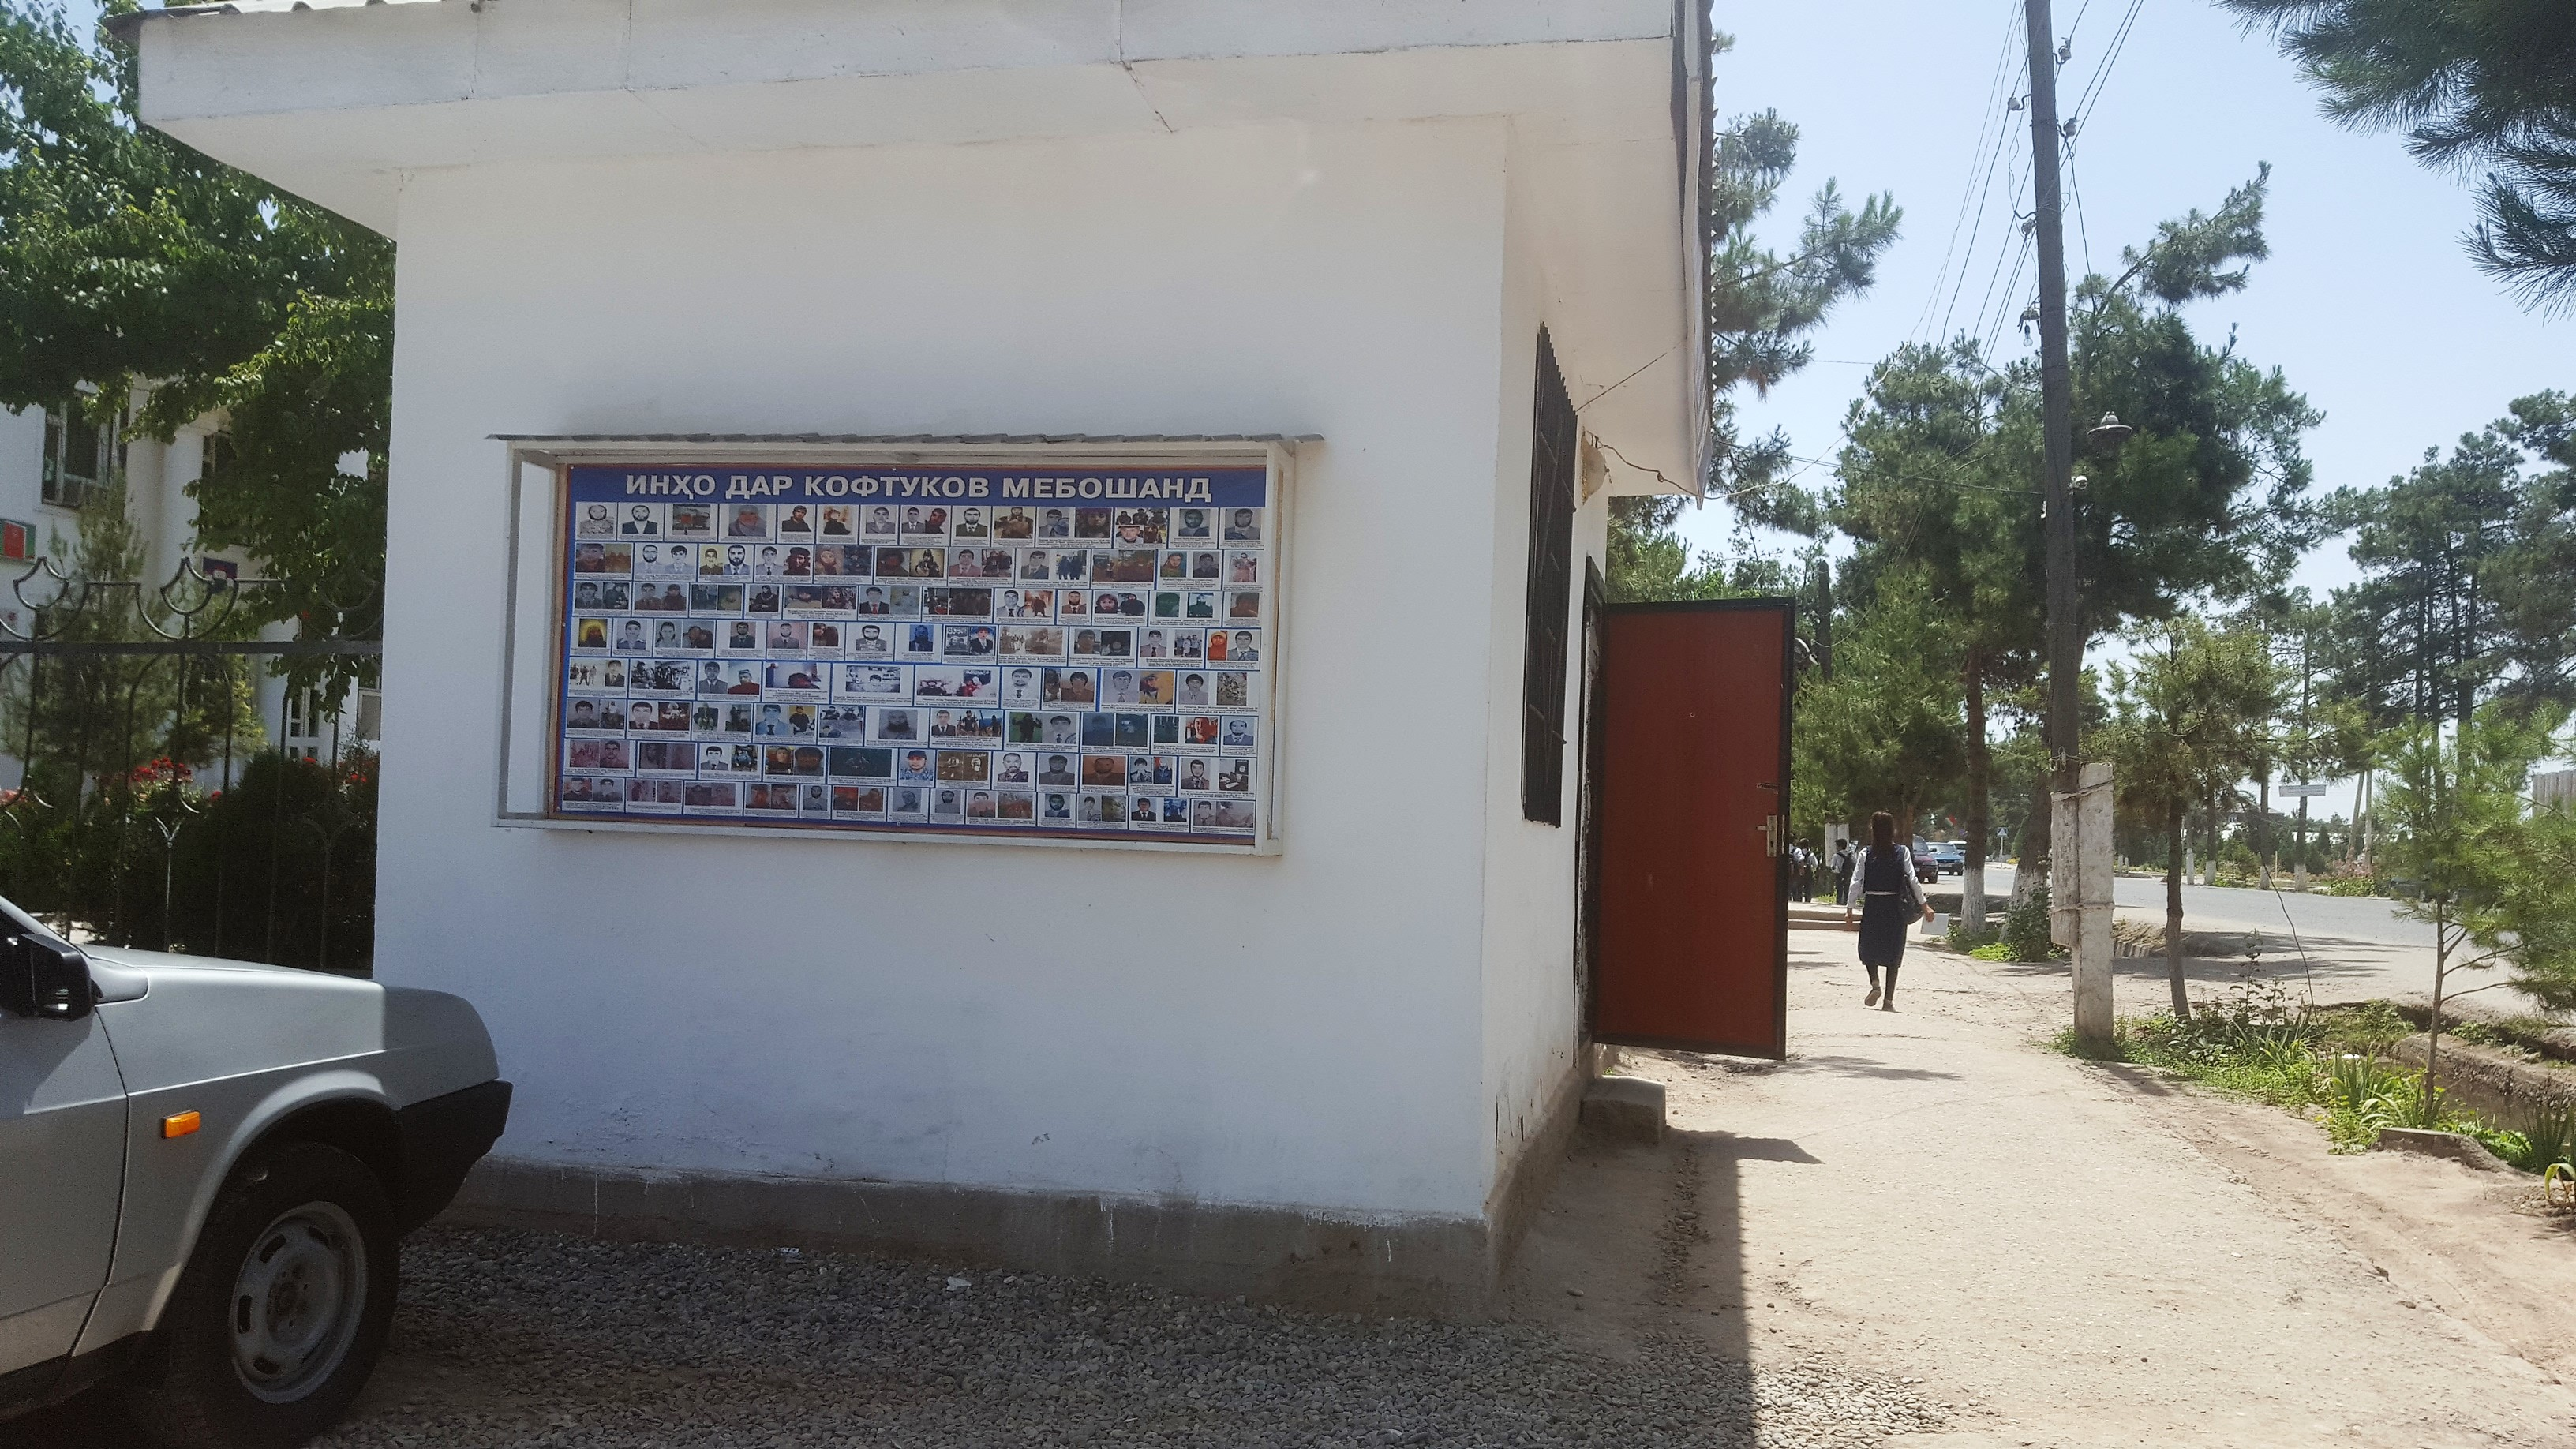 Списки местных жителей в розыске, подозреваемых в отбытии в Сирию и Ирак. Район Бохтар, 26 мая. [Надин Баром]